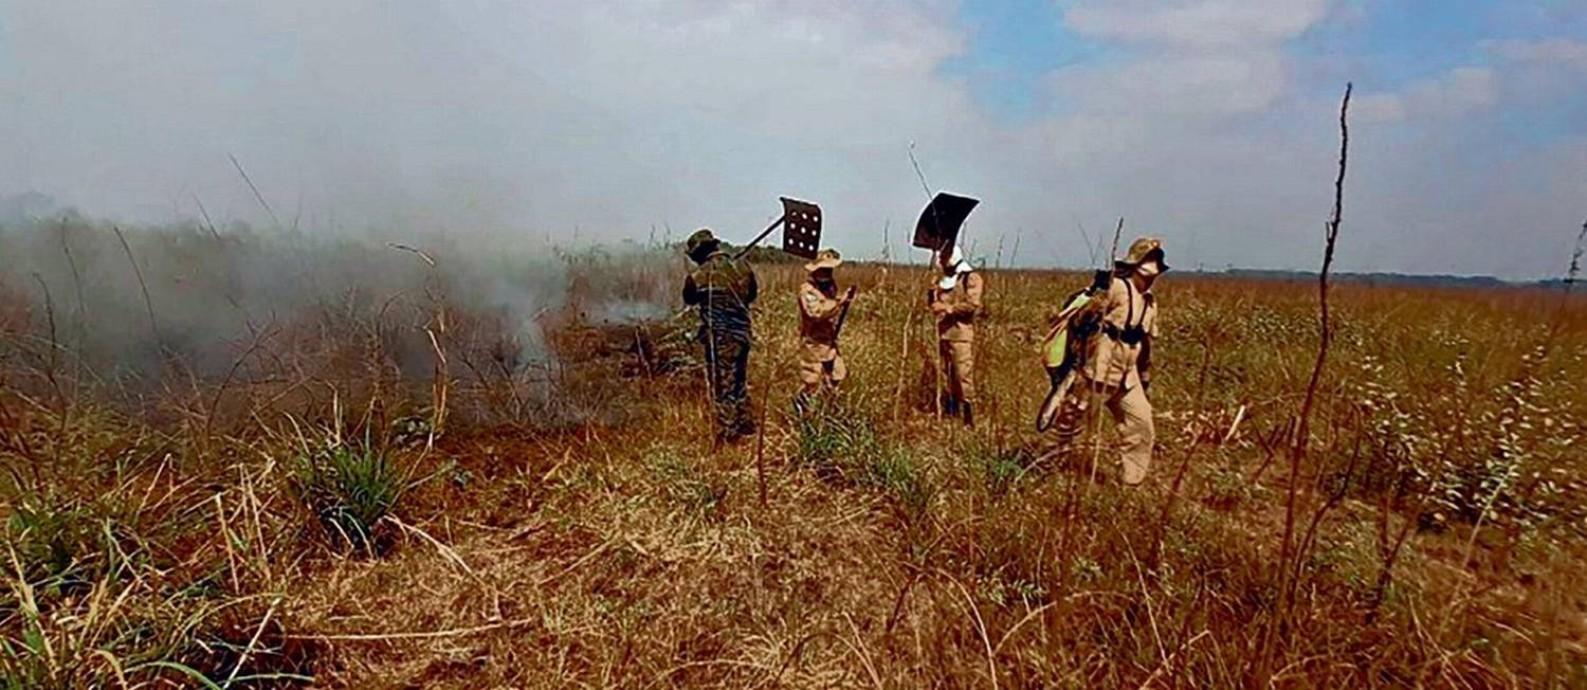 Bombeiros combatem queimadas no Pantanal: corporação foi reforçada por efetivo das Forças Armadas Foto: Divulgação/Corpo de Bombeiros Militar de Mato Grosso do Sul